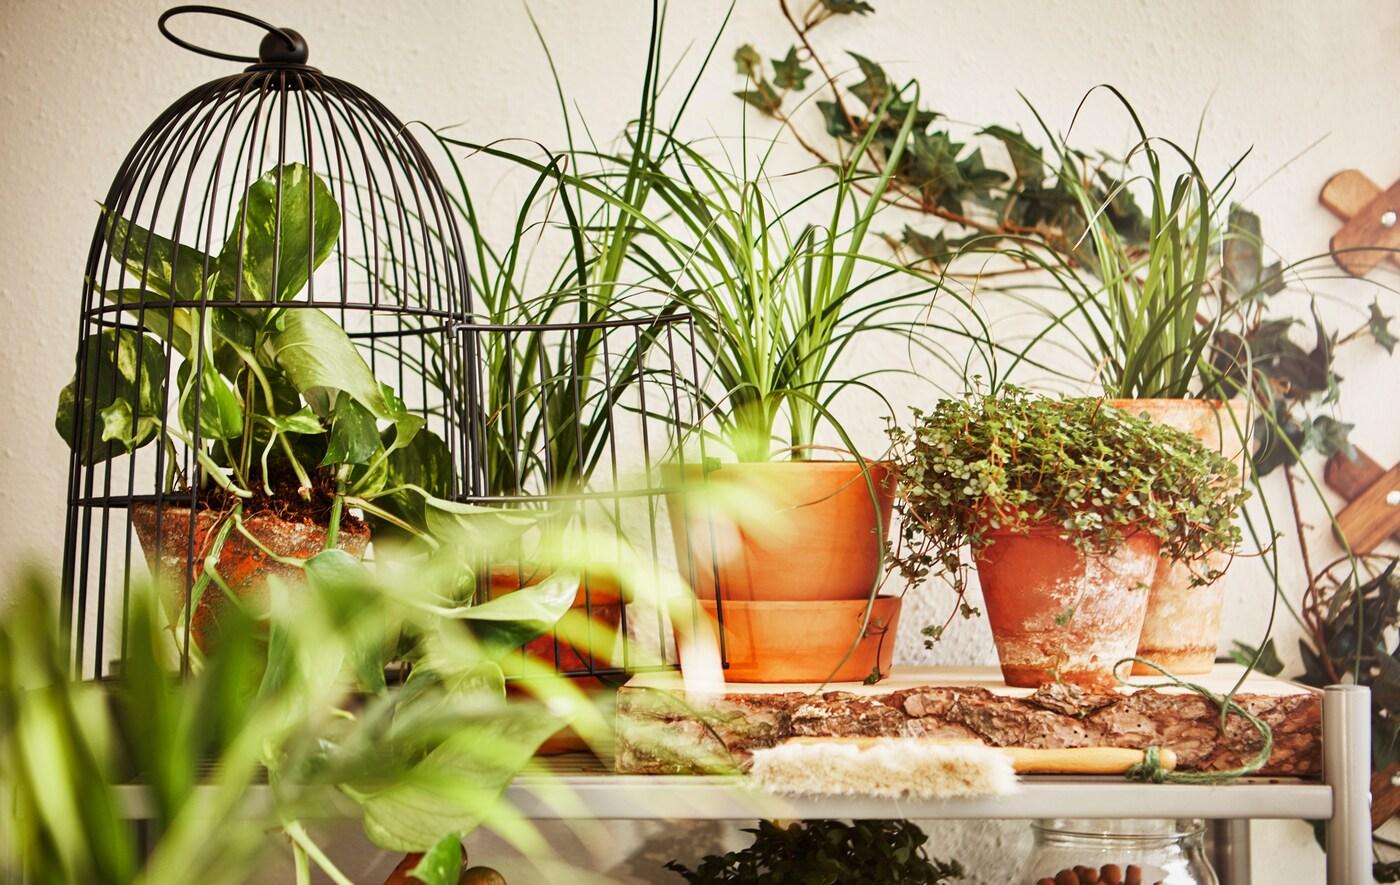 Plantes vertes posées sur une étagère, vues d'en haut.